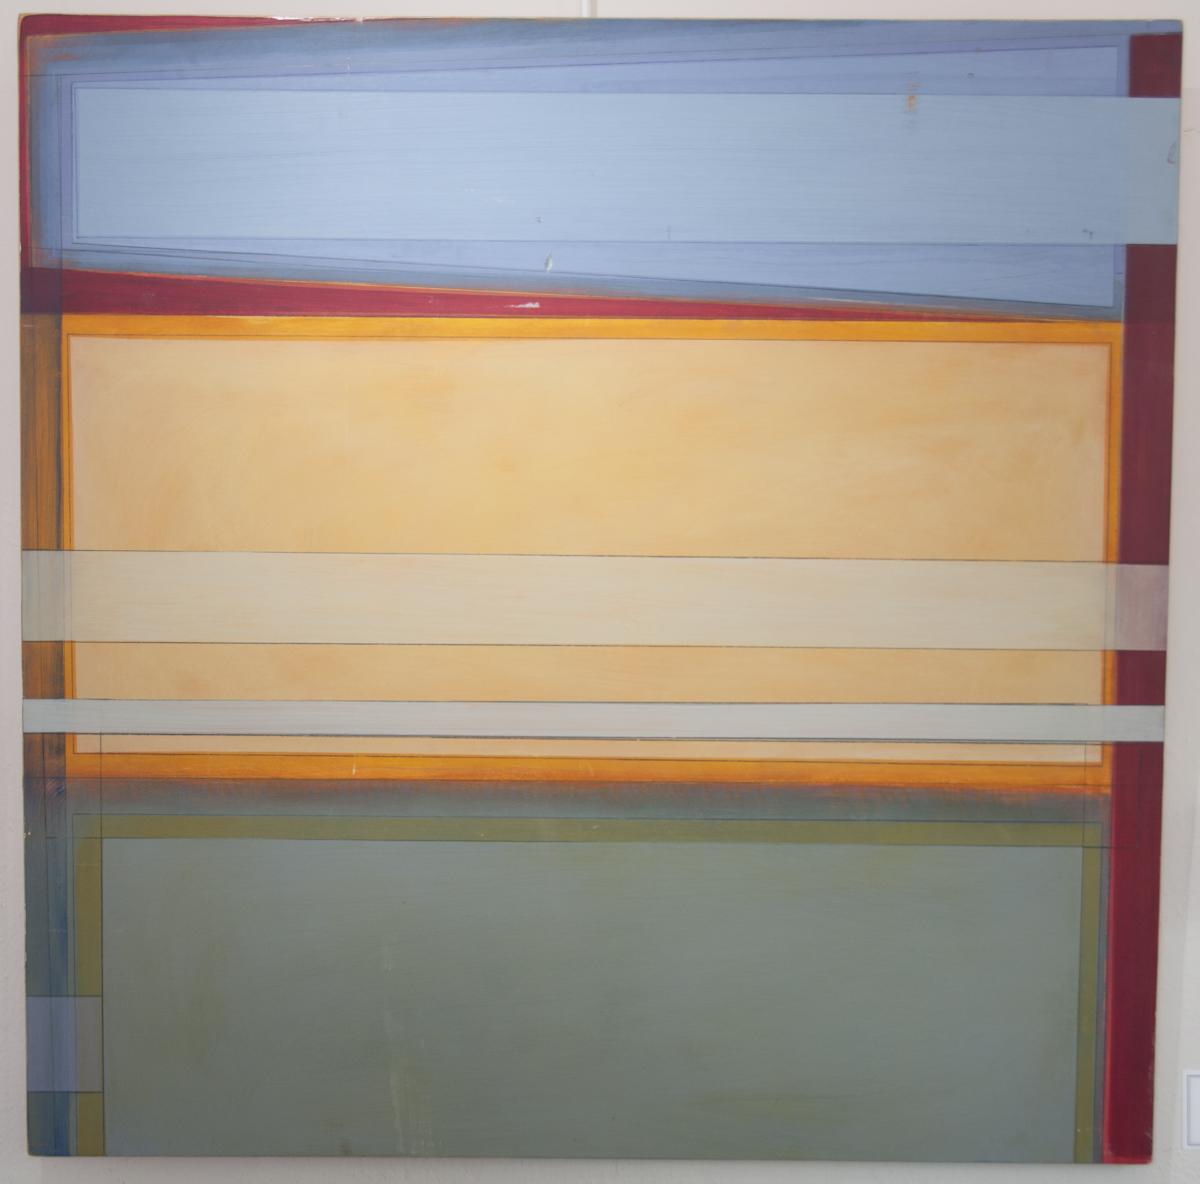 marcus abel  Studio Location # 8  Painting